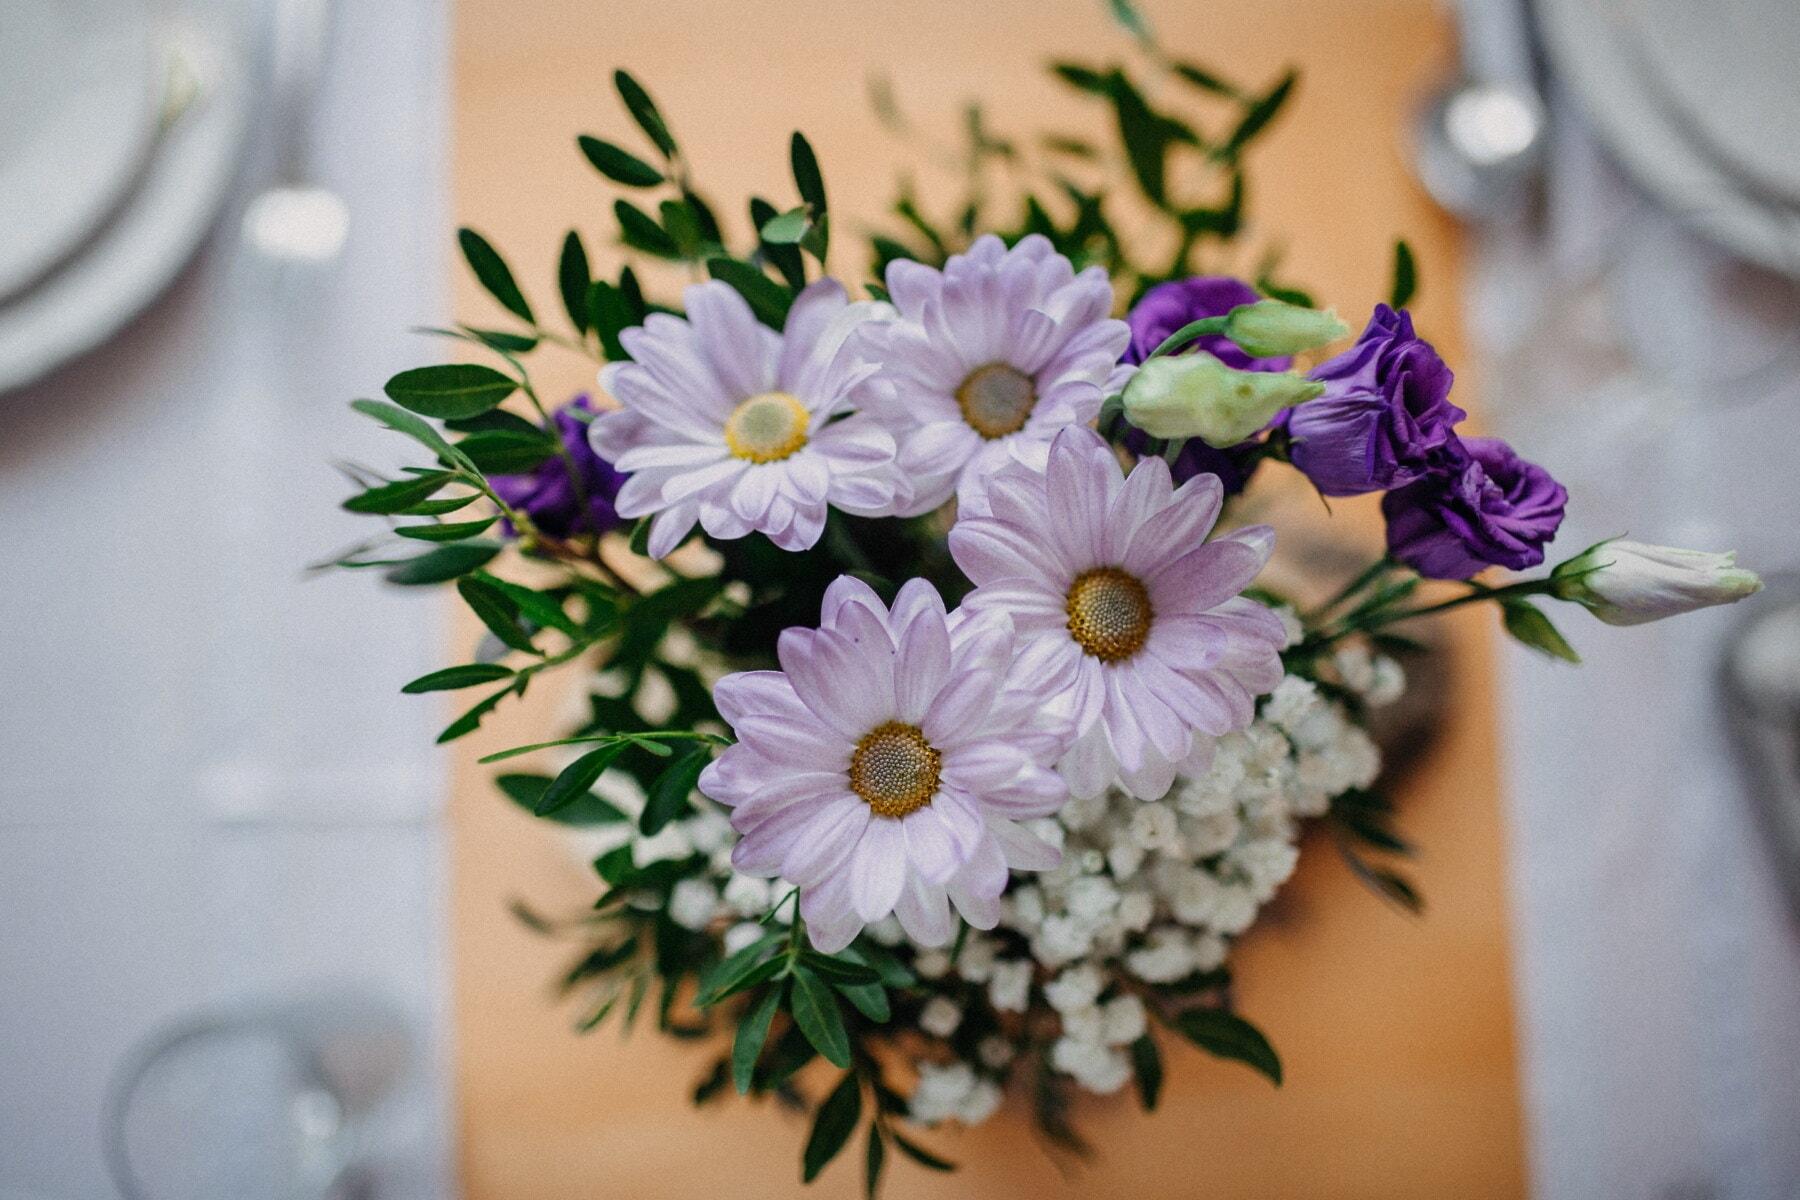 фиолетовый, розы, цветы, букет, Столовая, композиция, стол, элегантность, марочный, крупным планом